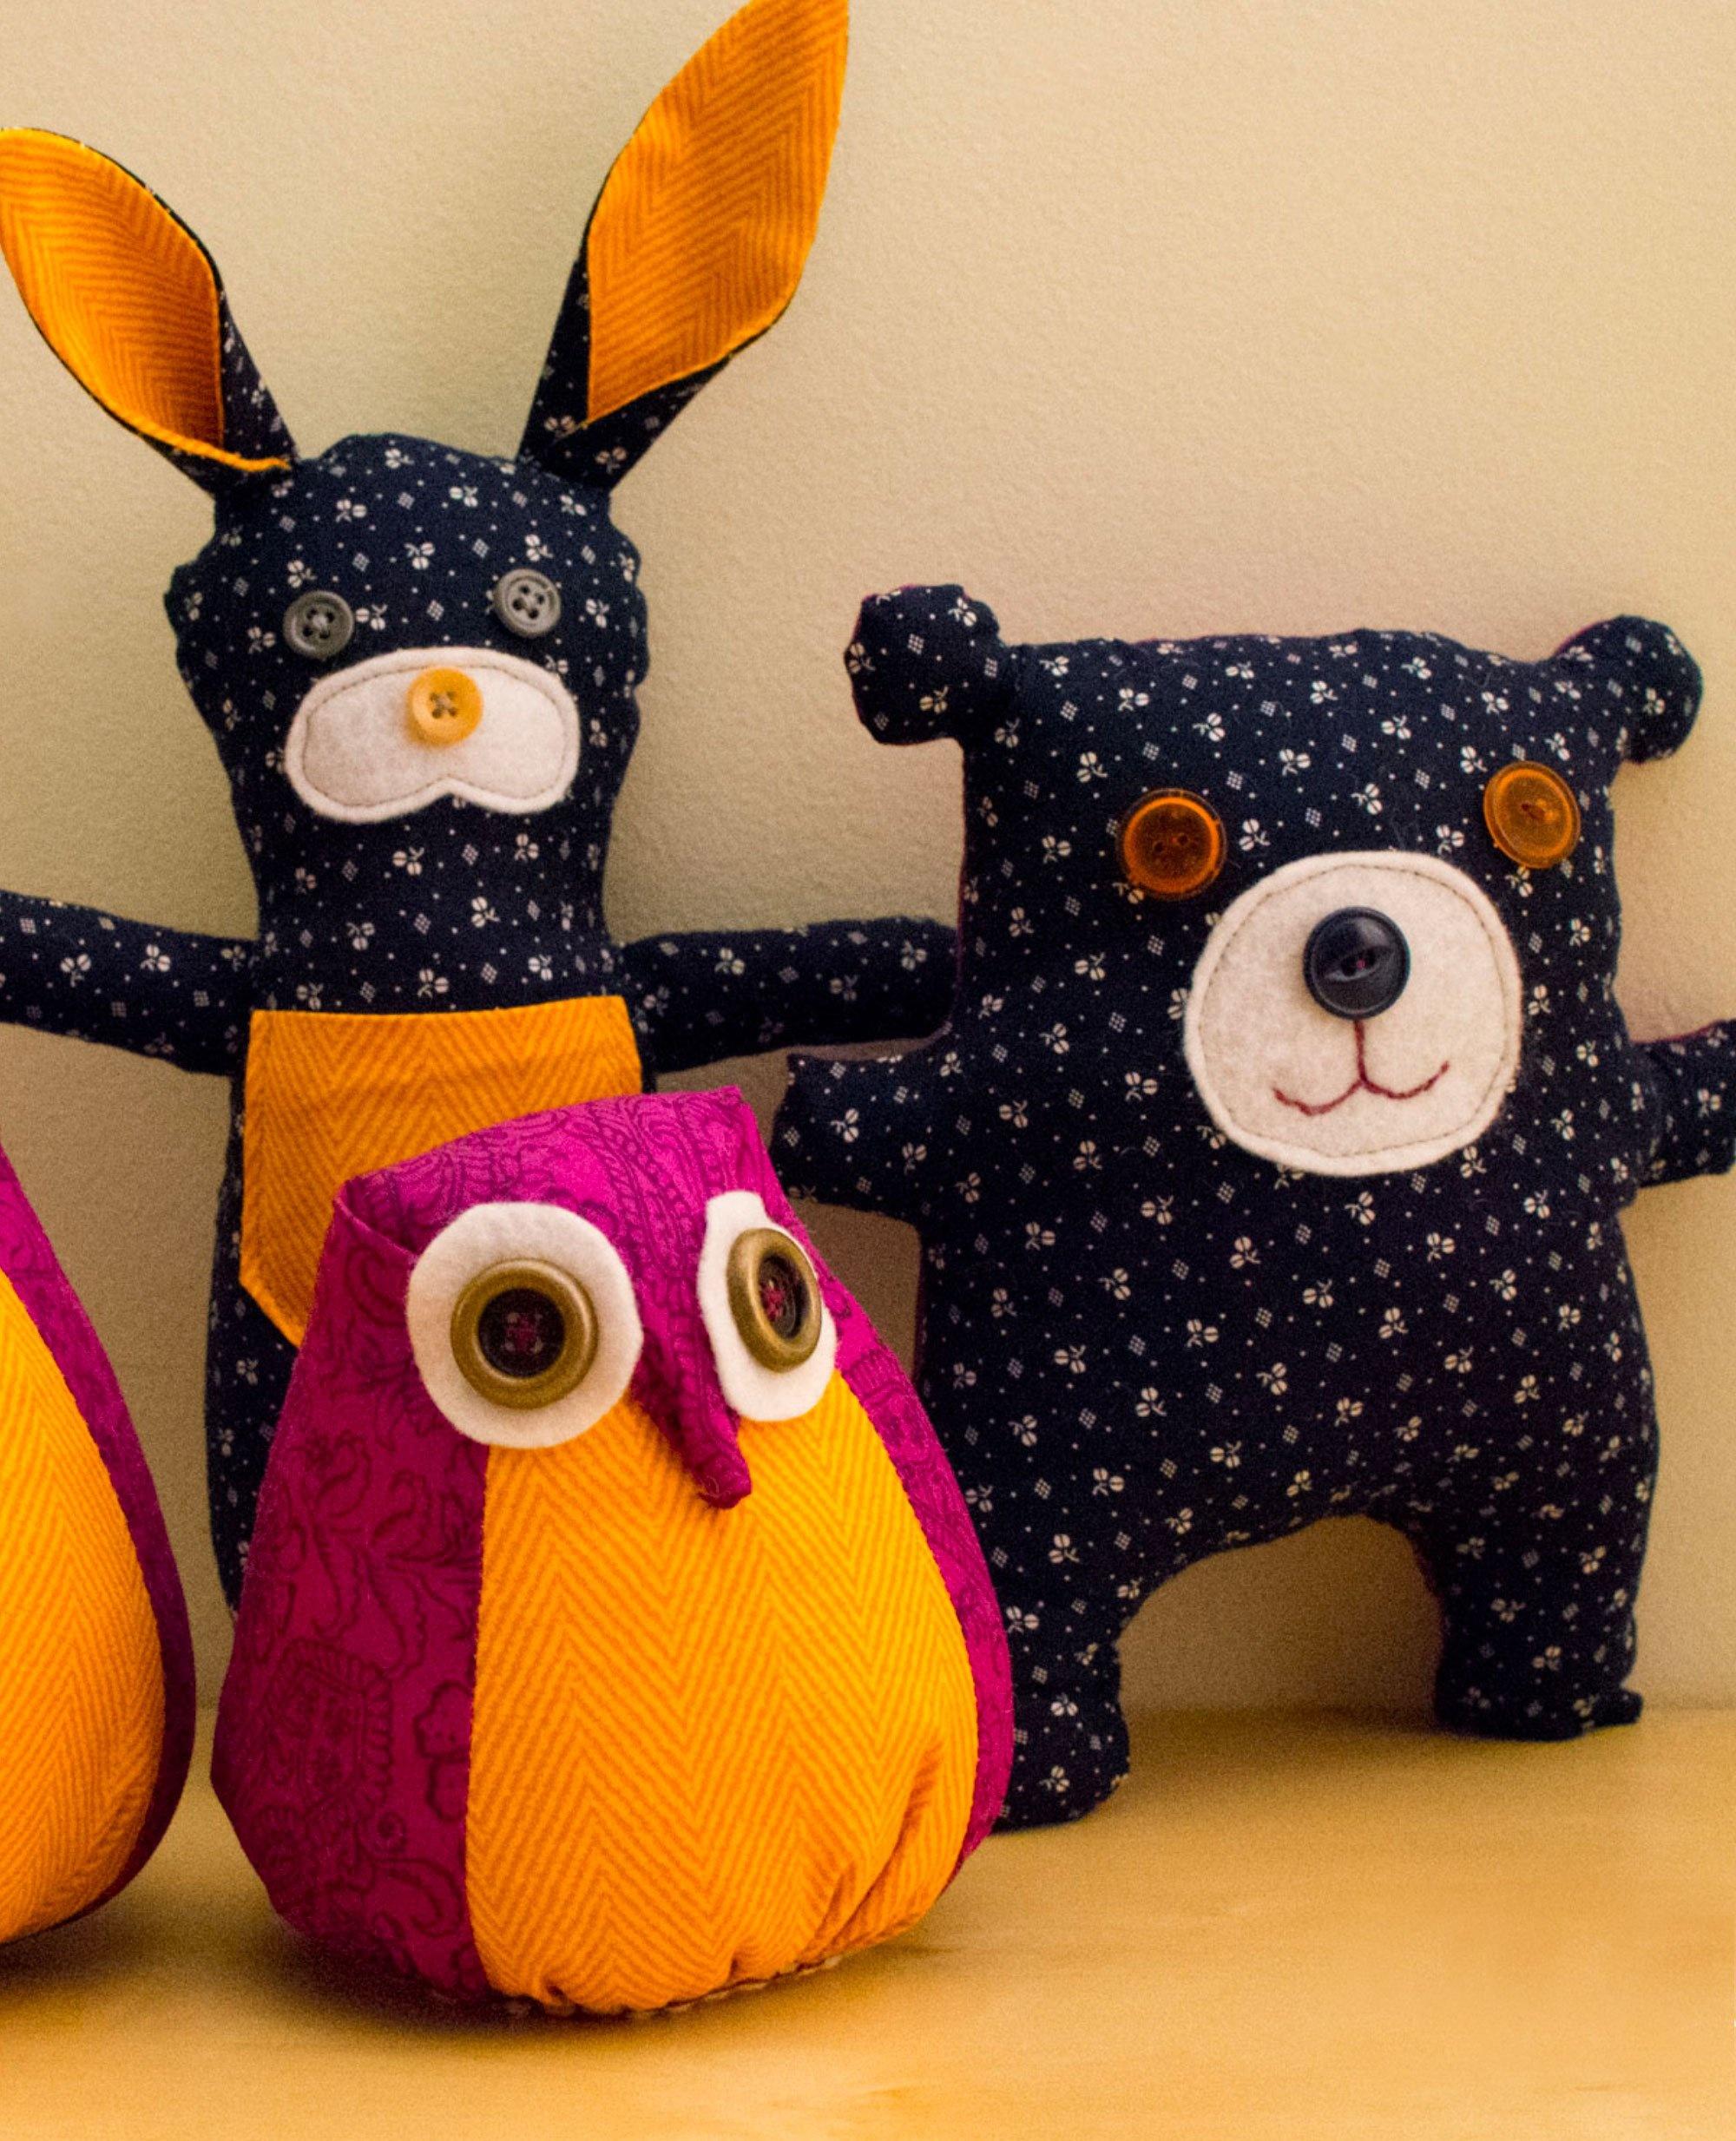 3 Free Stuffed Animal Patterns - Free Printable Stuffed Animal Patterns